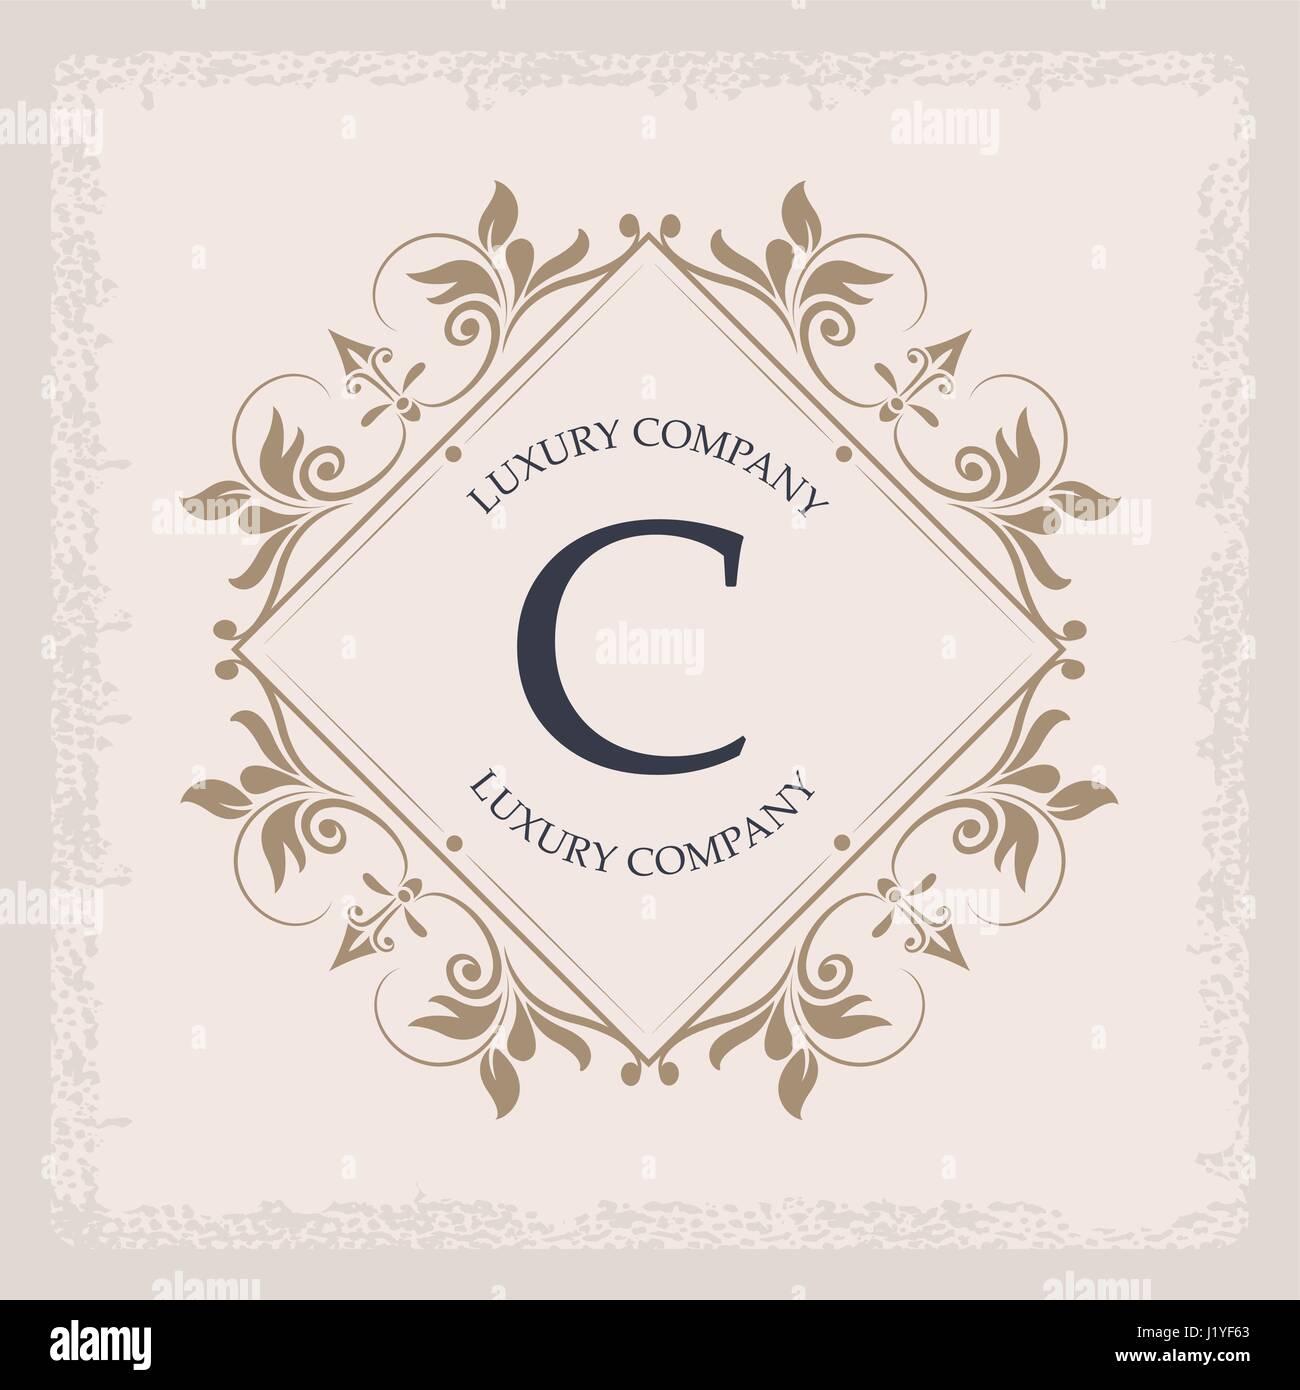 luxury company C monogram vintage elegant typographic - Stock Image